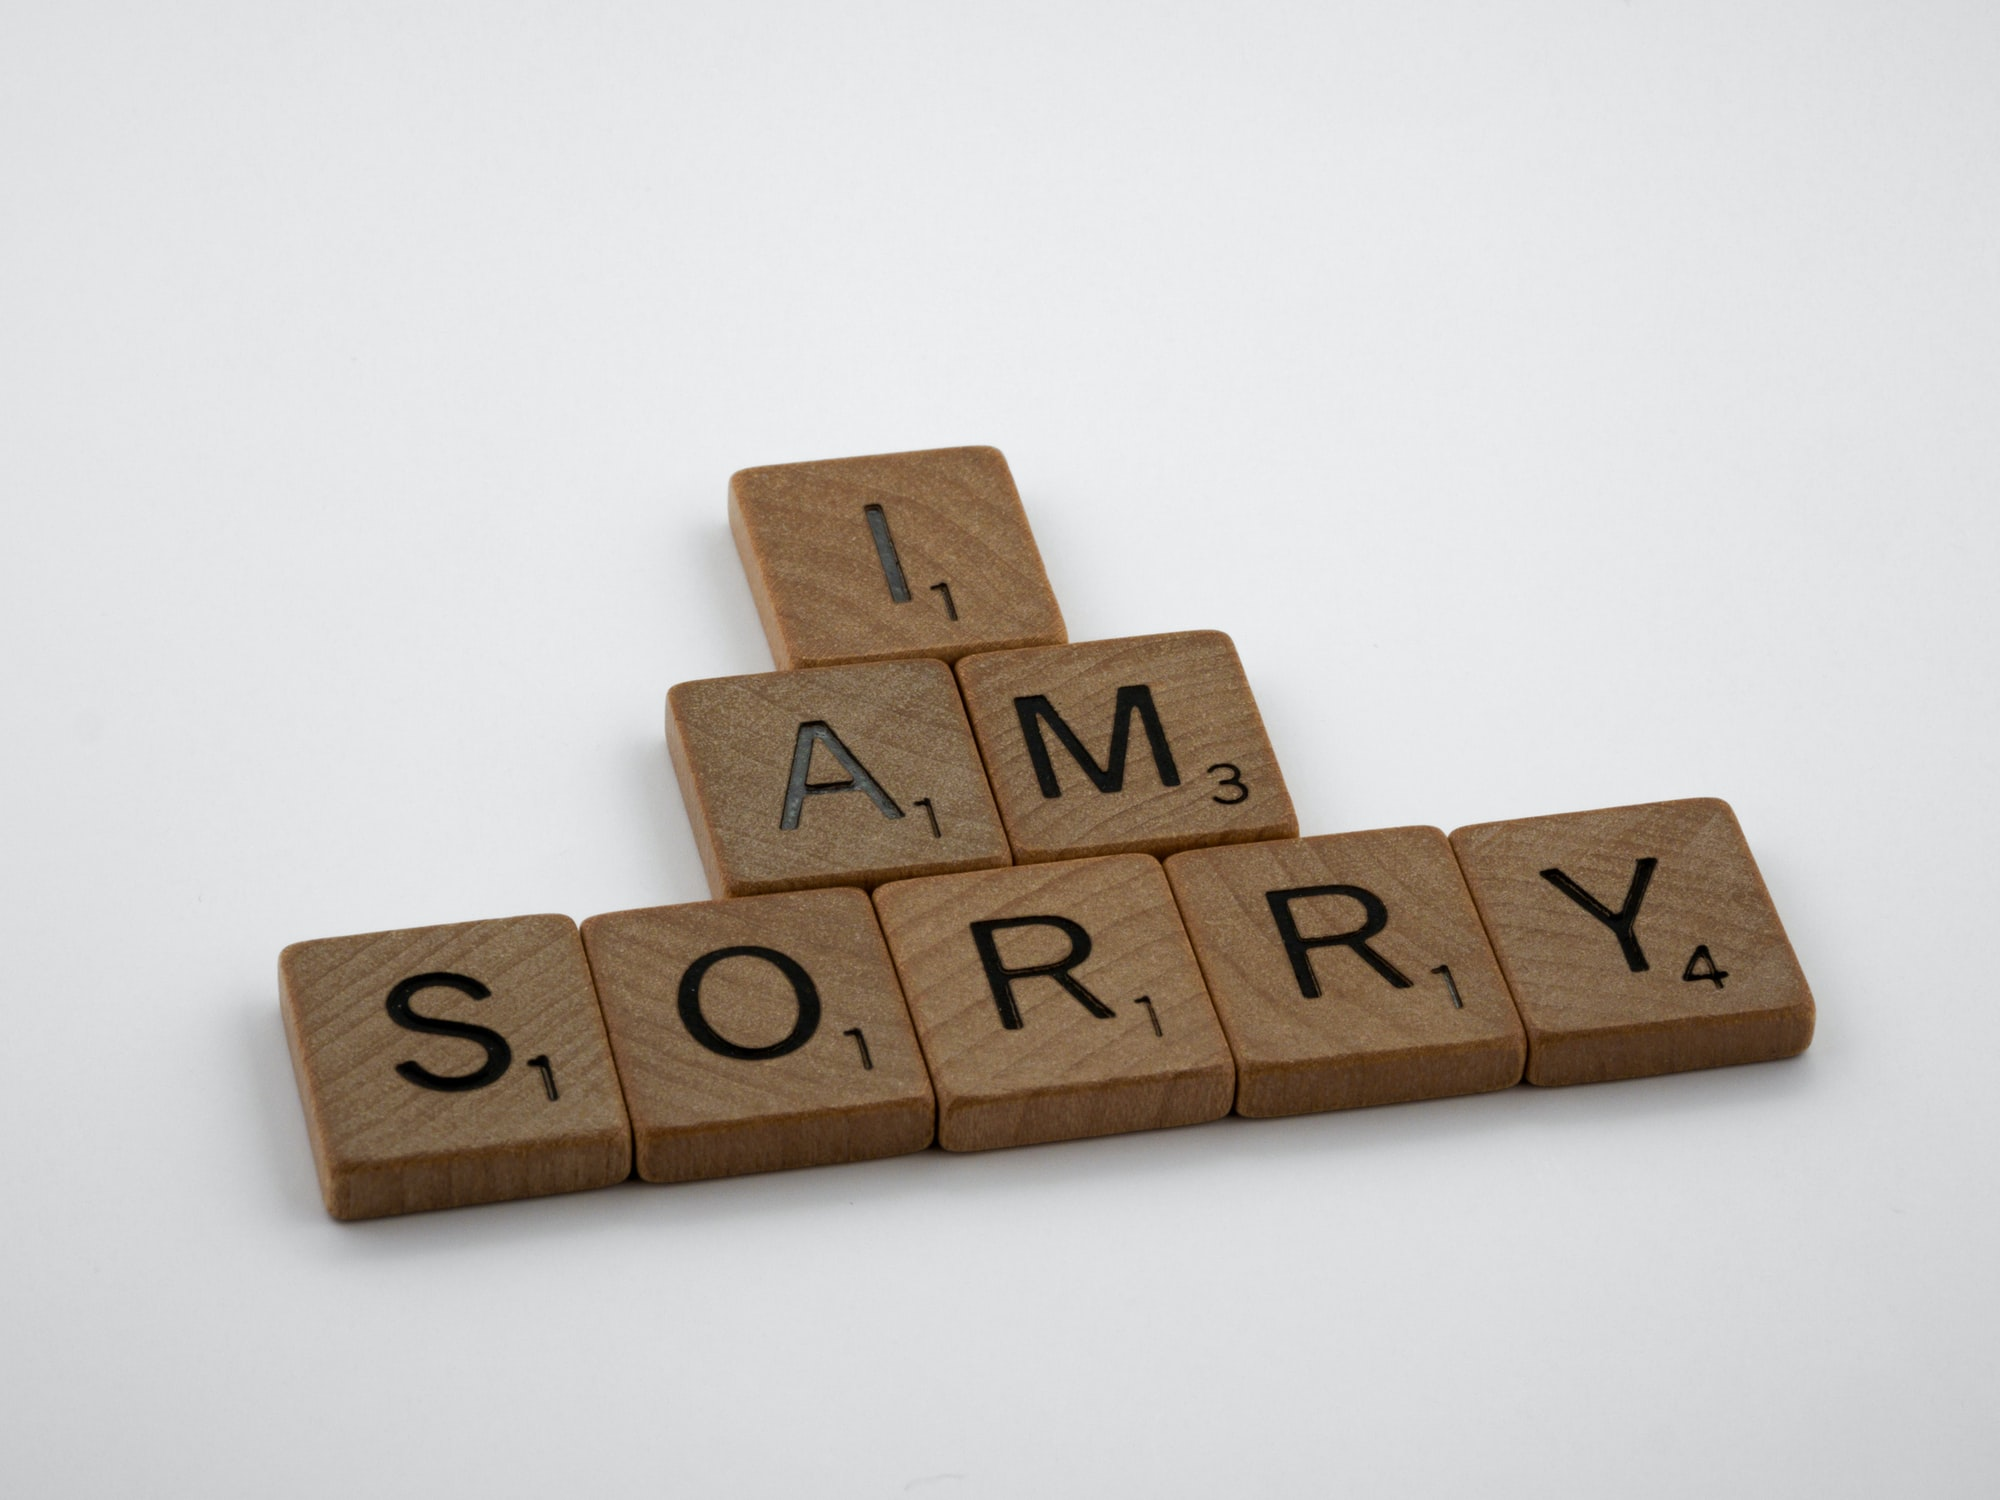 Il y a trop de mauvaises raisons pour s'excuser